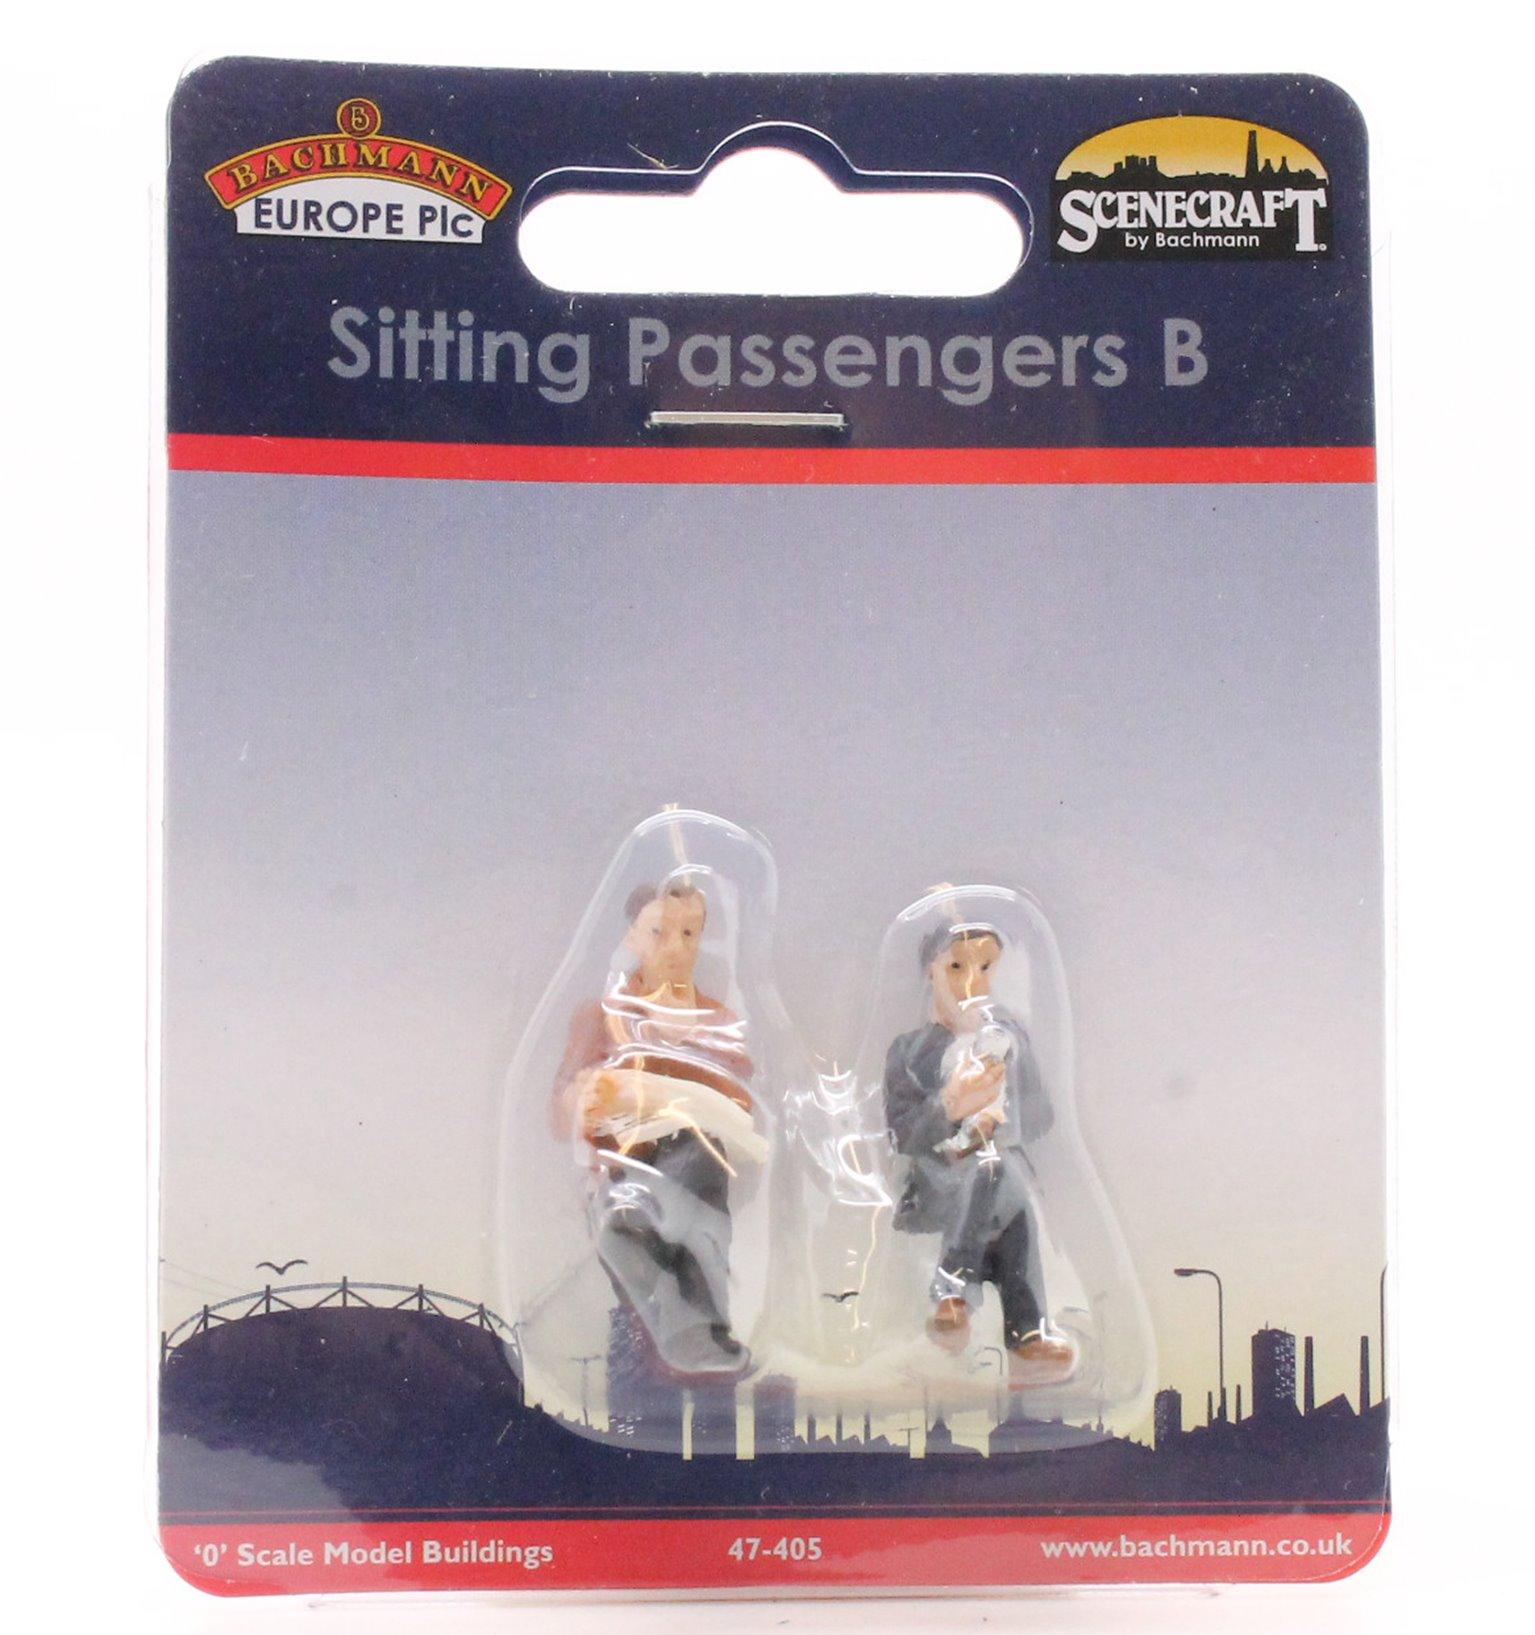 Sitting Passengers B